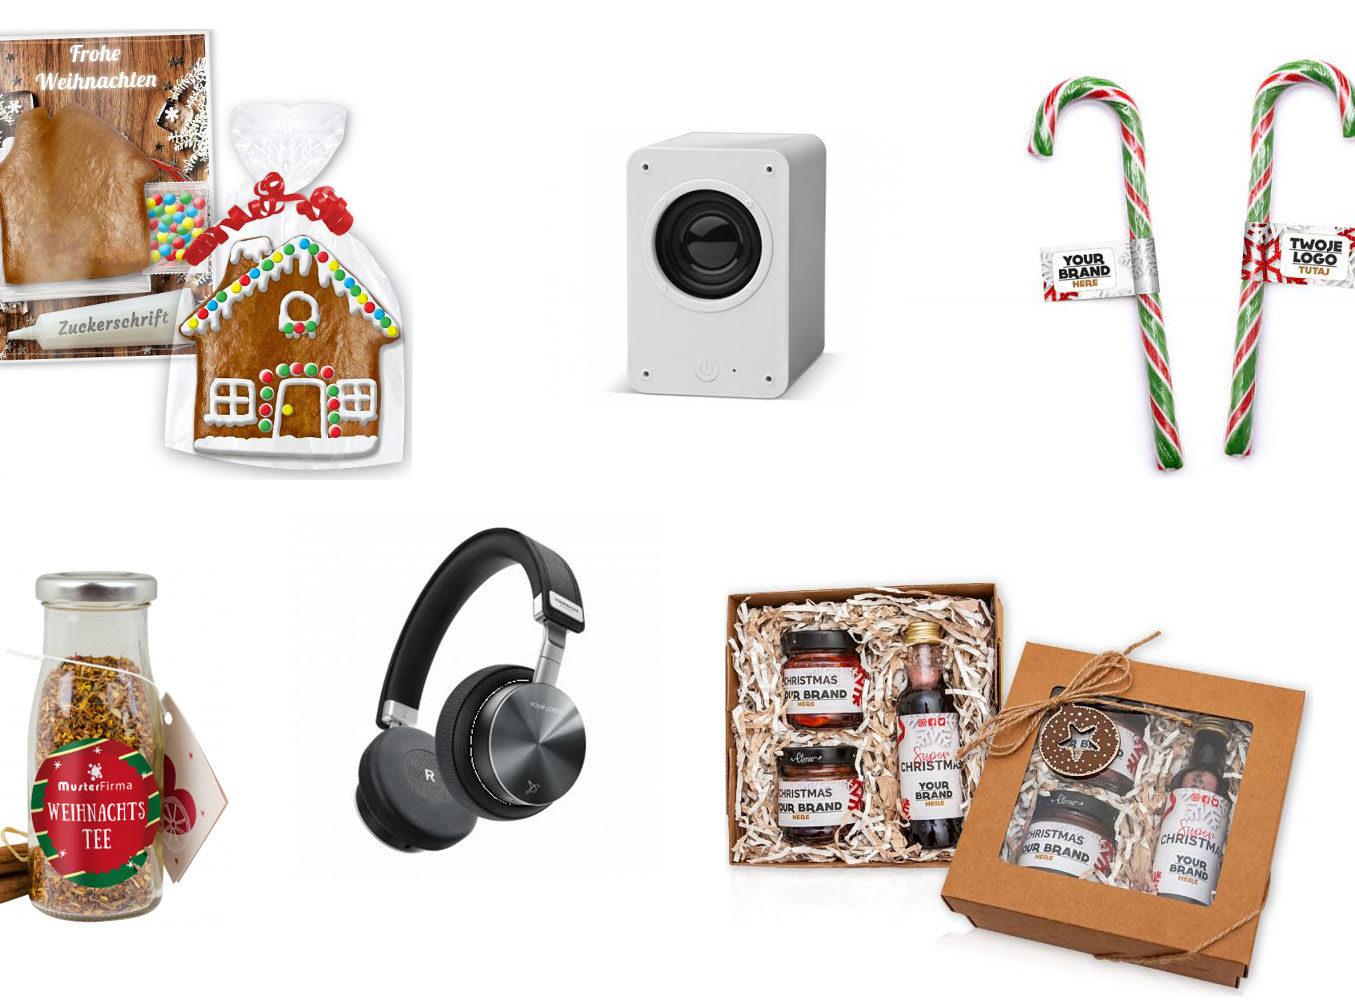 Weihnachtsgeschenke - Weihnachten kommt schneller als man denkt!